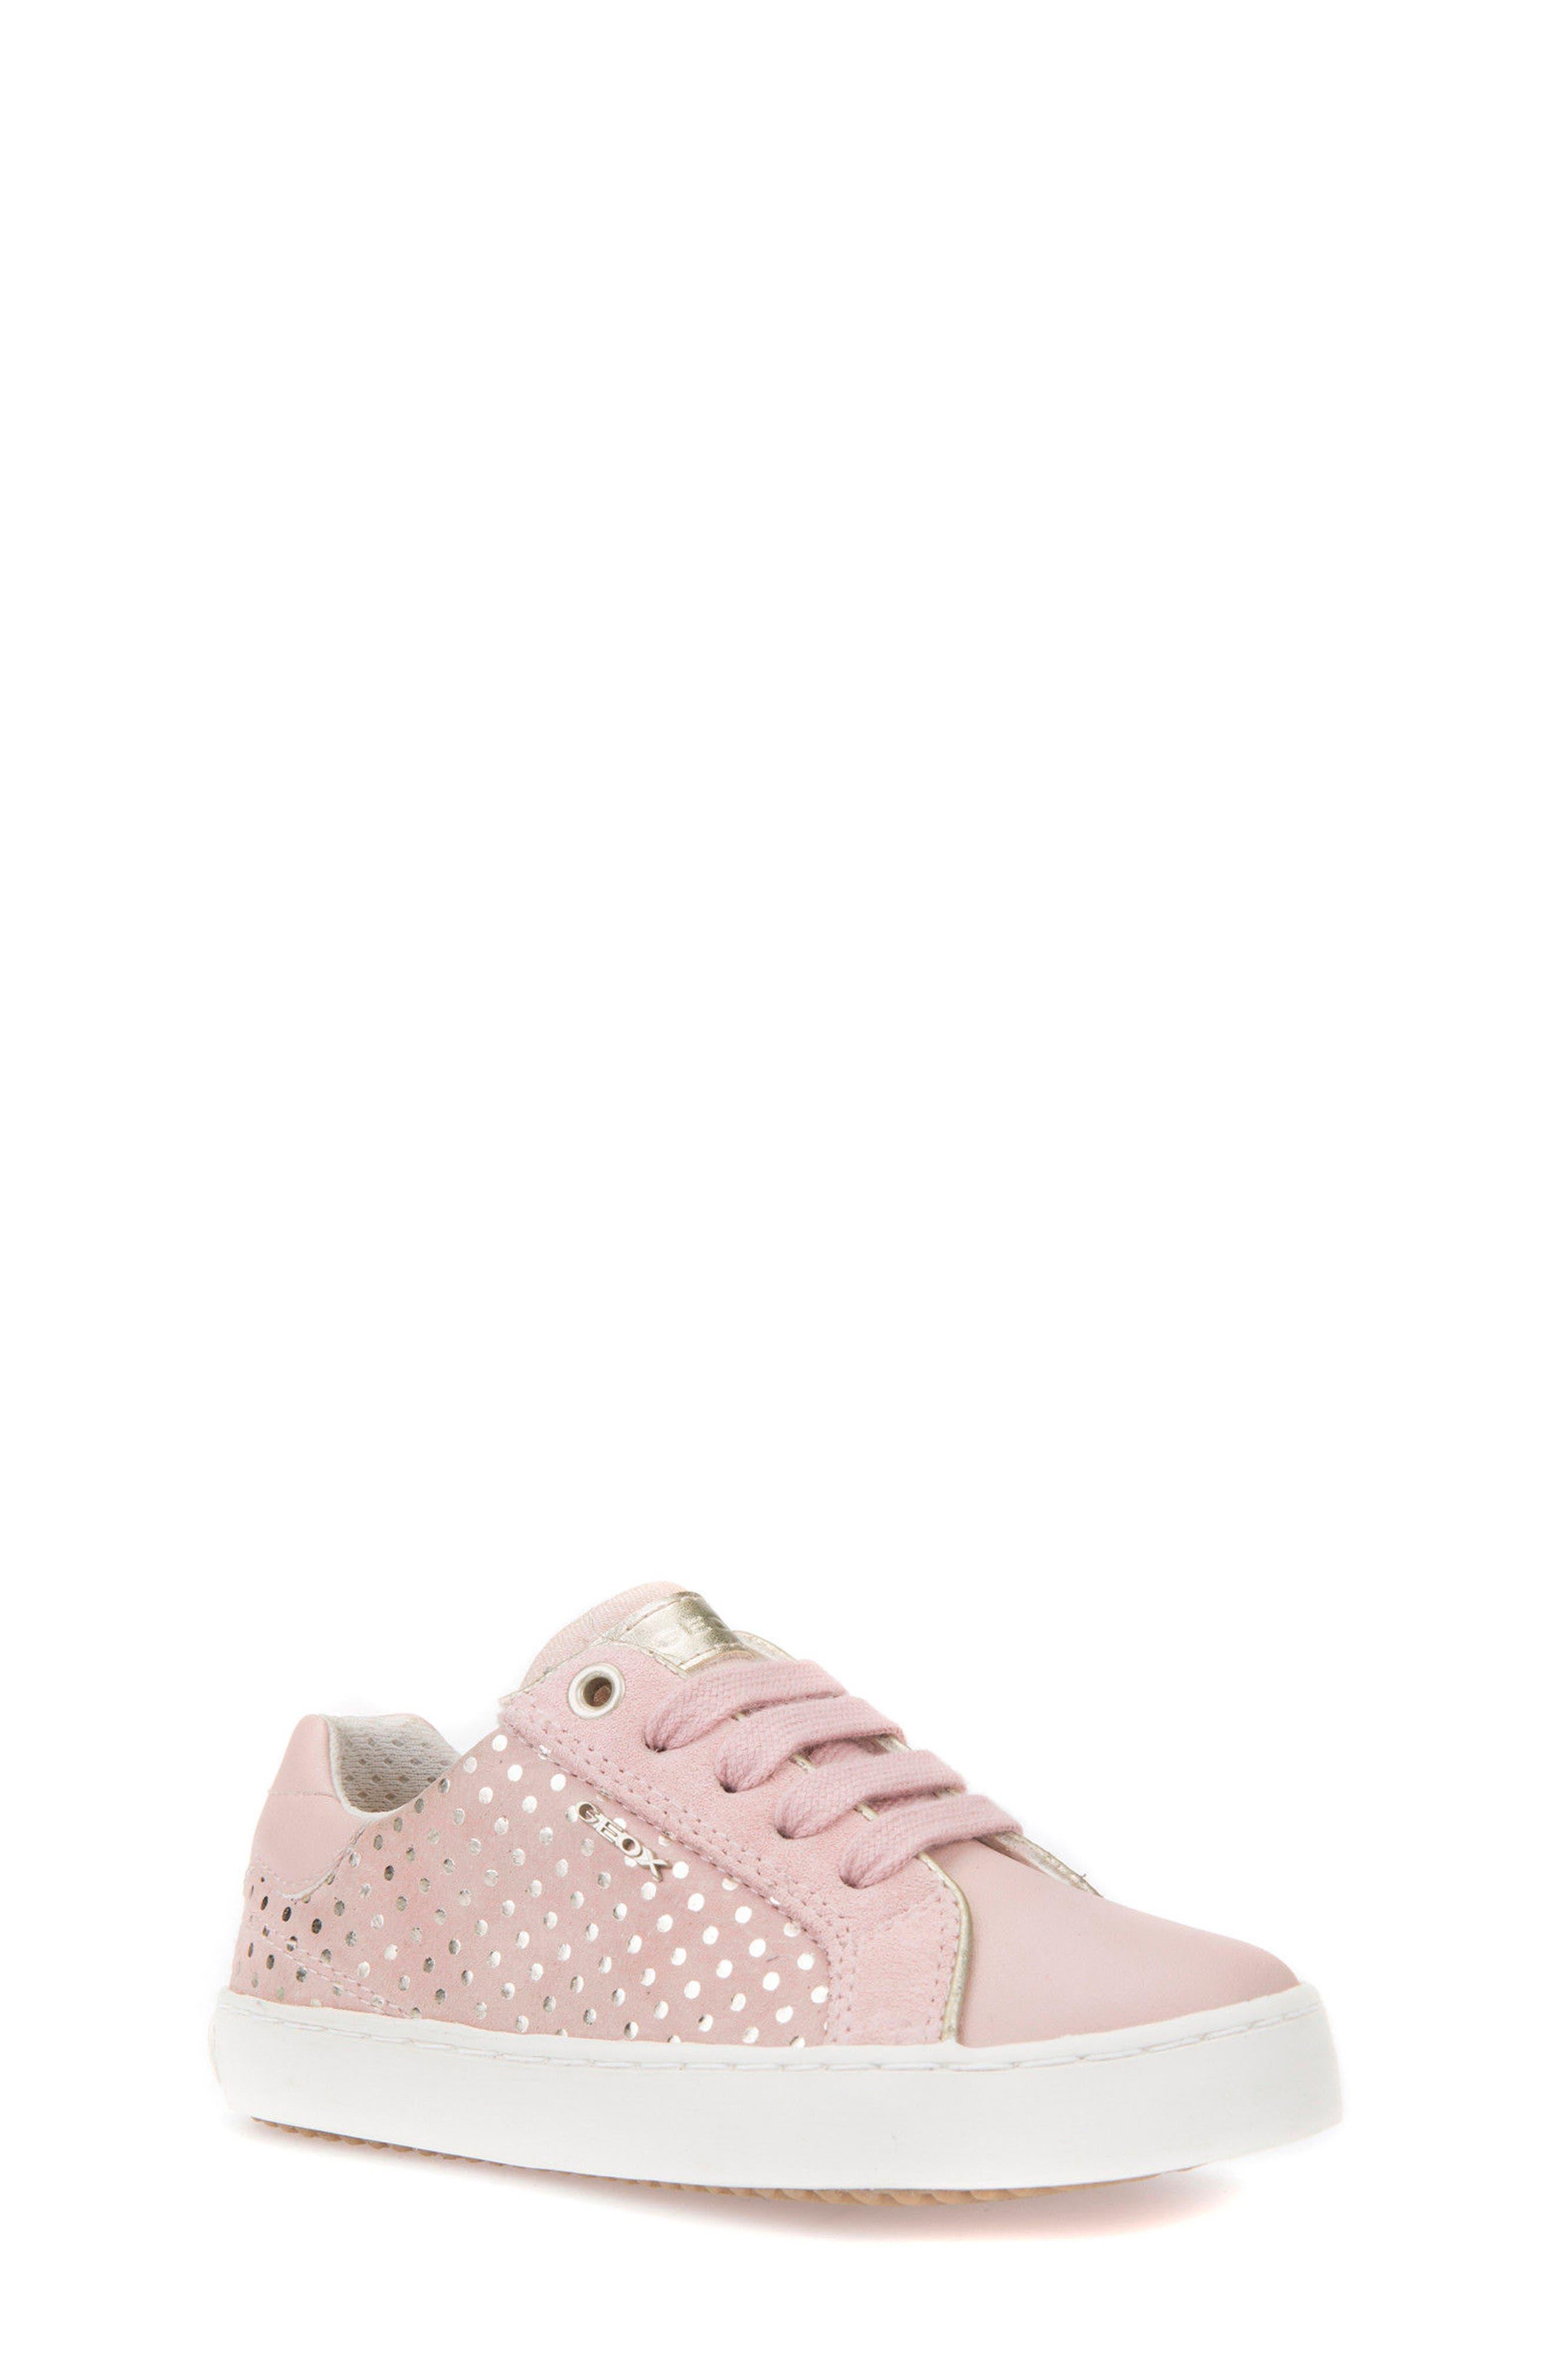 Kilwi Low Top Sneaker,                             Main thumbnail 1, color,                             Rose